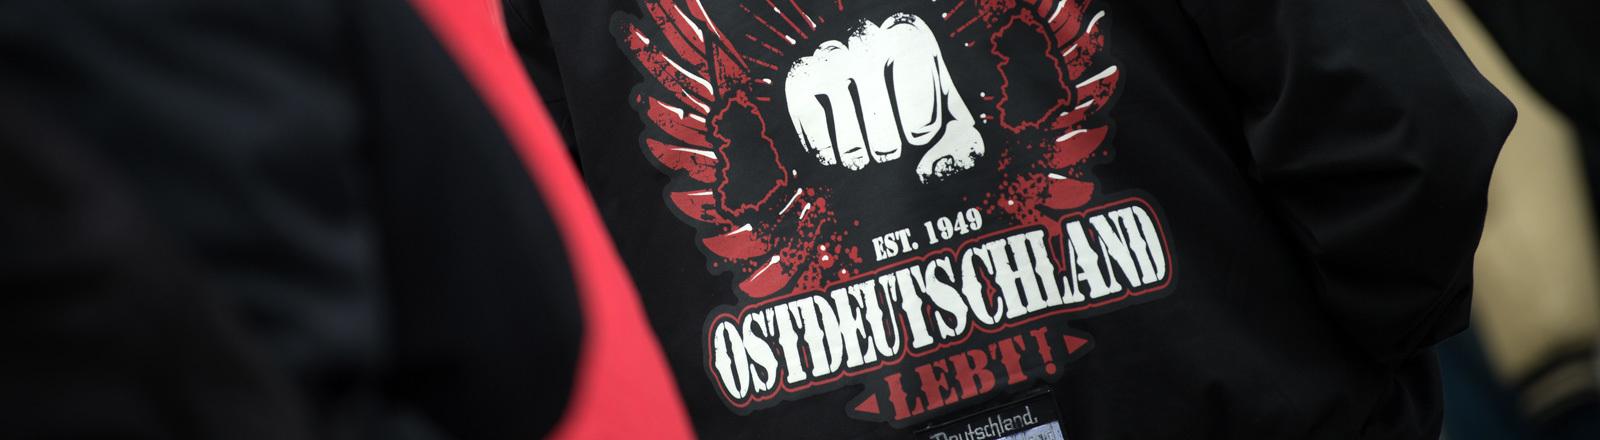 Ein Teilnehmer einer Pro-Le-Pen Demonstration der Thügida vor der Frauenkirche in Dresden (Sachsen) trägt am 06.05.2017 eine Jacke mit den Aufdrucken «Deutschland mein Vaterland, Est. 1949 Ostdeutschland lebt und Deutschland über alles».